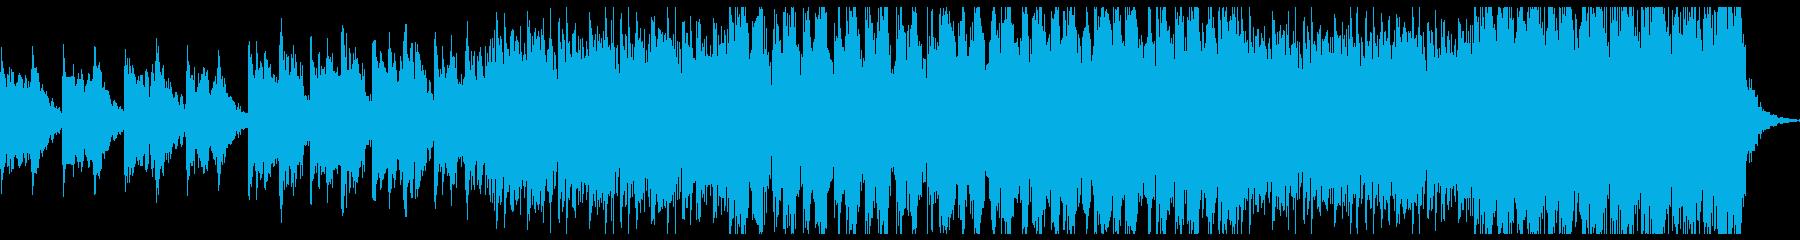 不穏な感じが疾走していくBGMの再生済みの波形